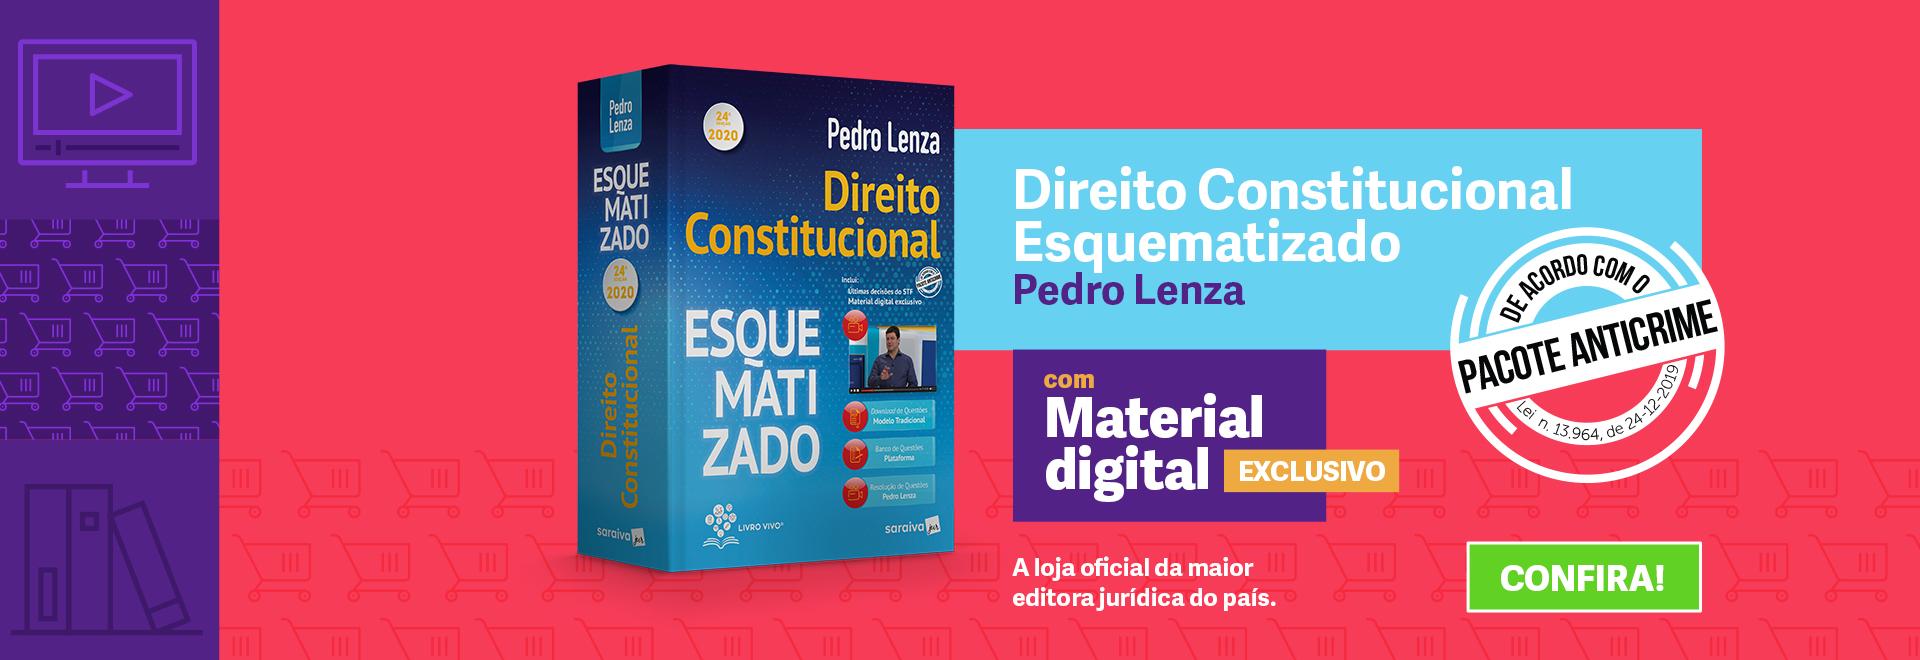 Constitucional esquematizado 2020